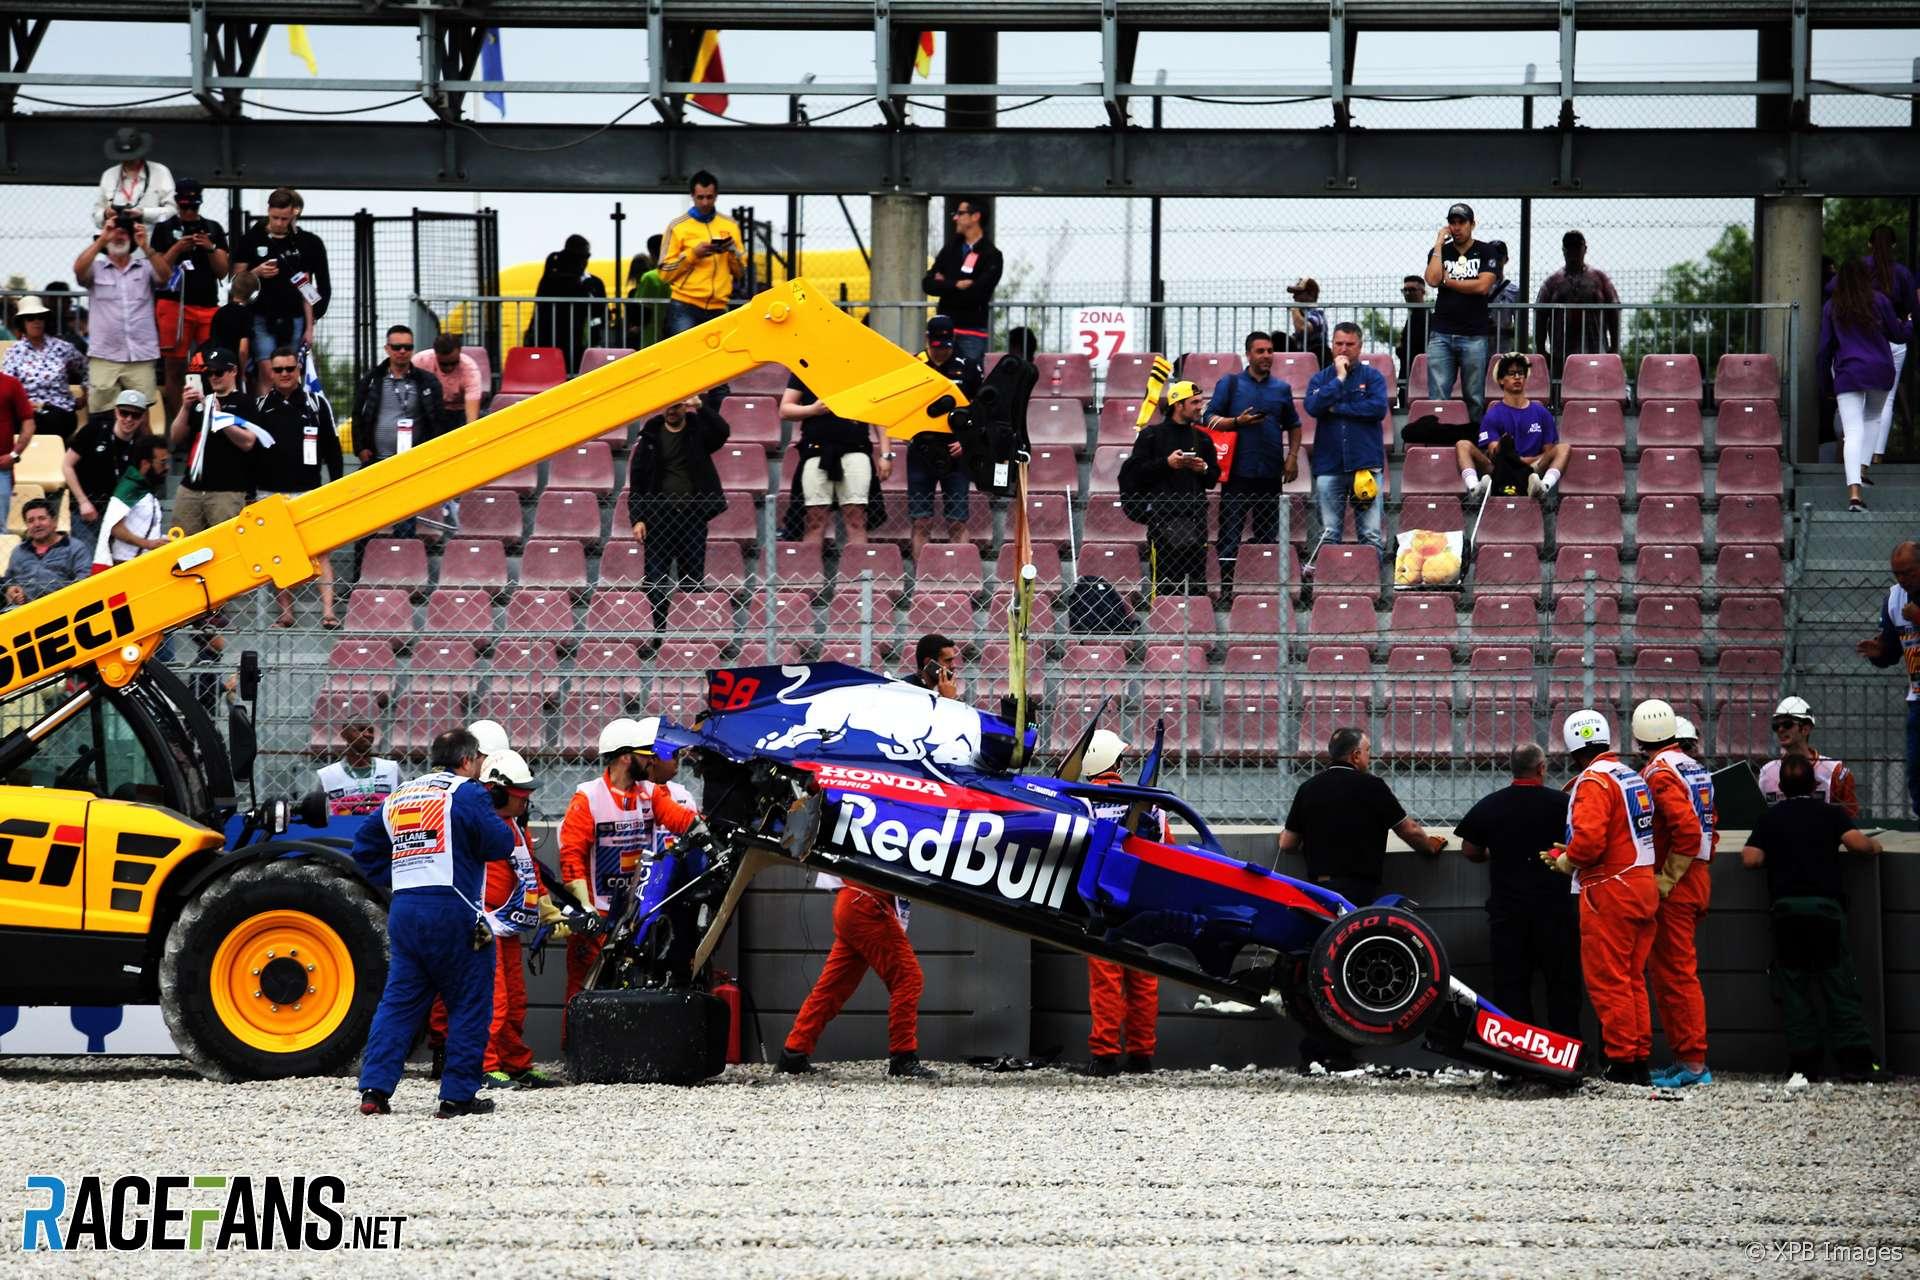 Brendon Hartley, Toro Rosso, Circuit de Catalunya, 2018